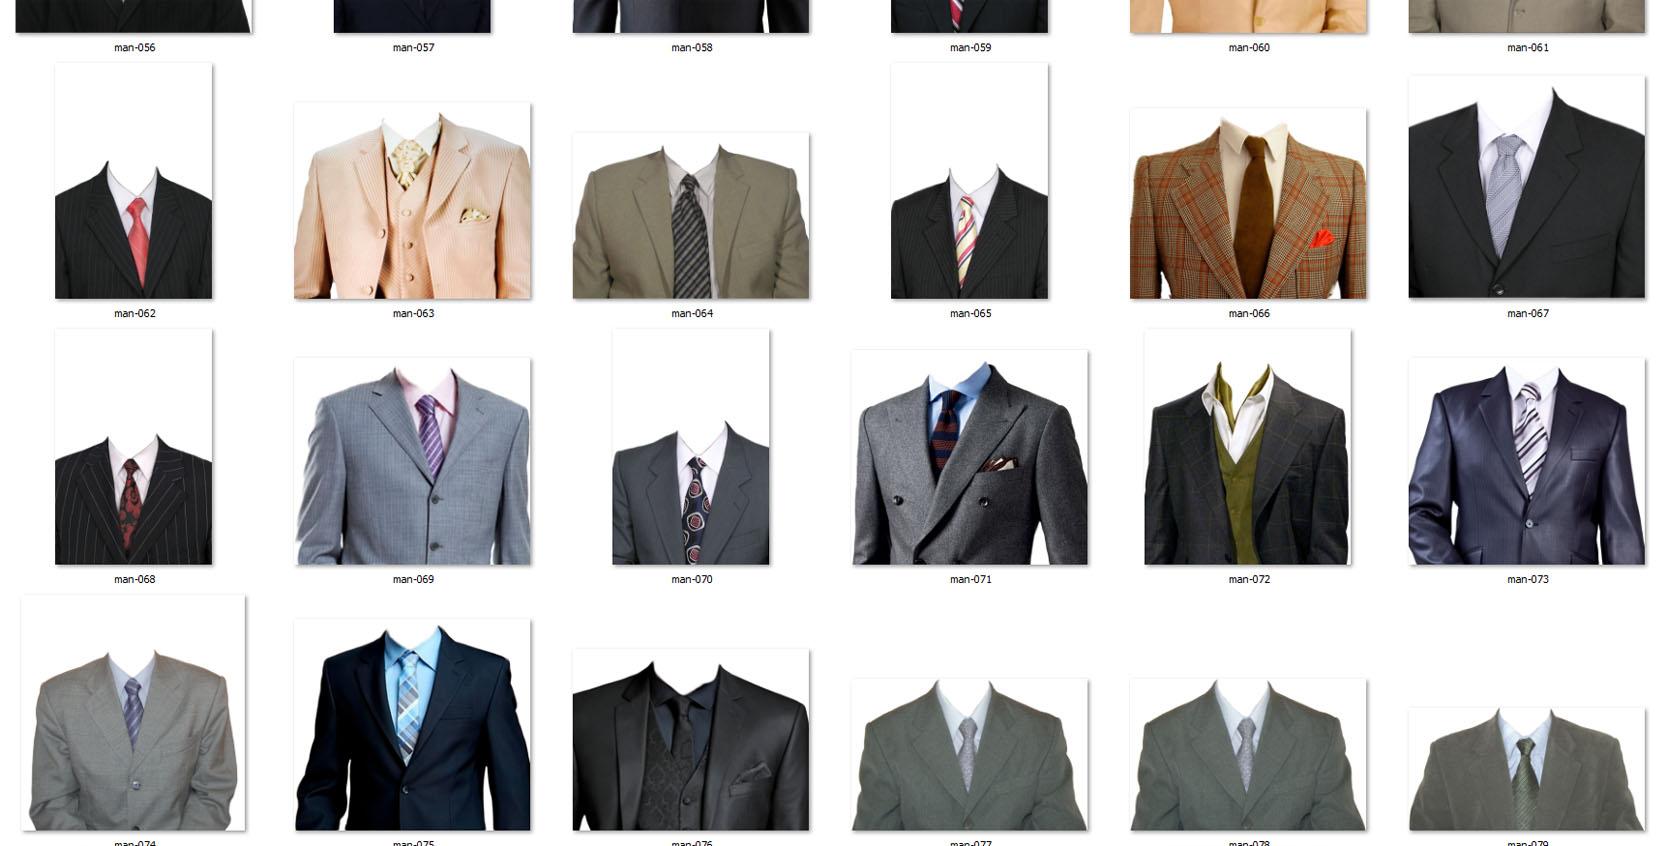 Коллекция мужских костюмов для фотошопа.